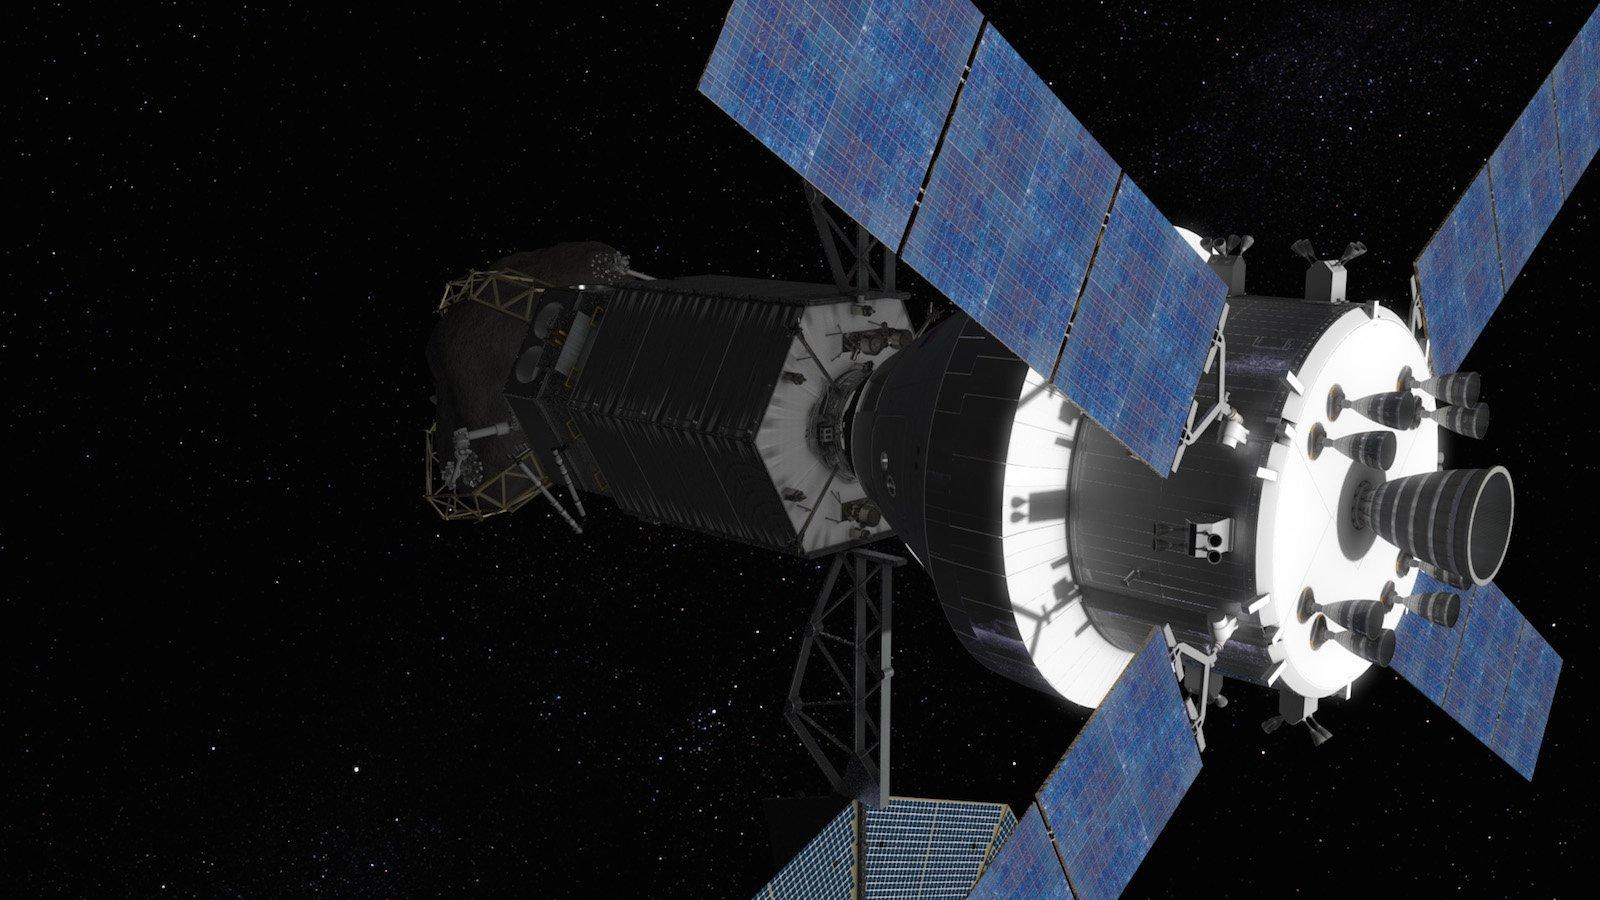 Ein Raumschiff mit zwei Astronauten an Bord dockt an das Asteroid Redirect Vehicle an.